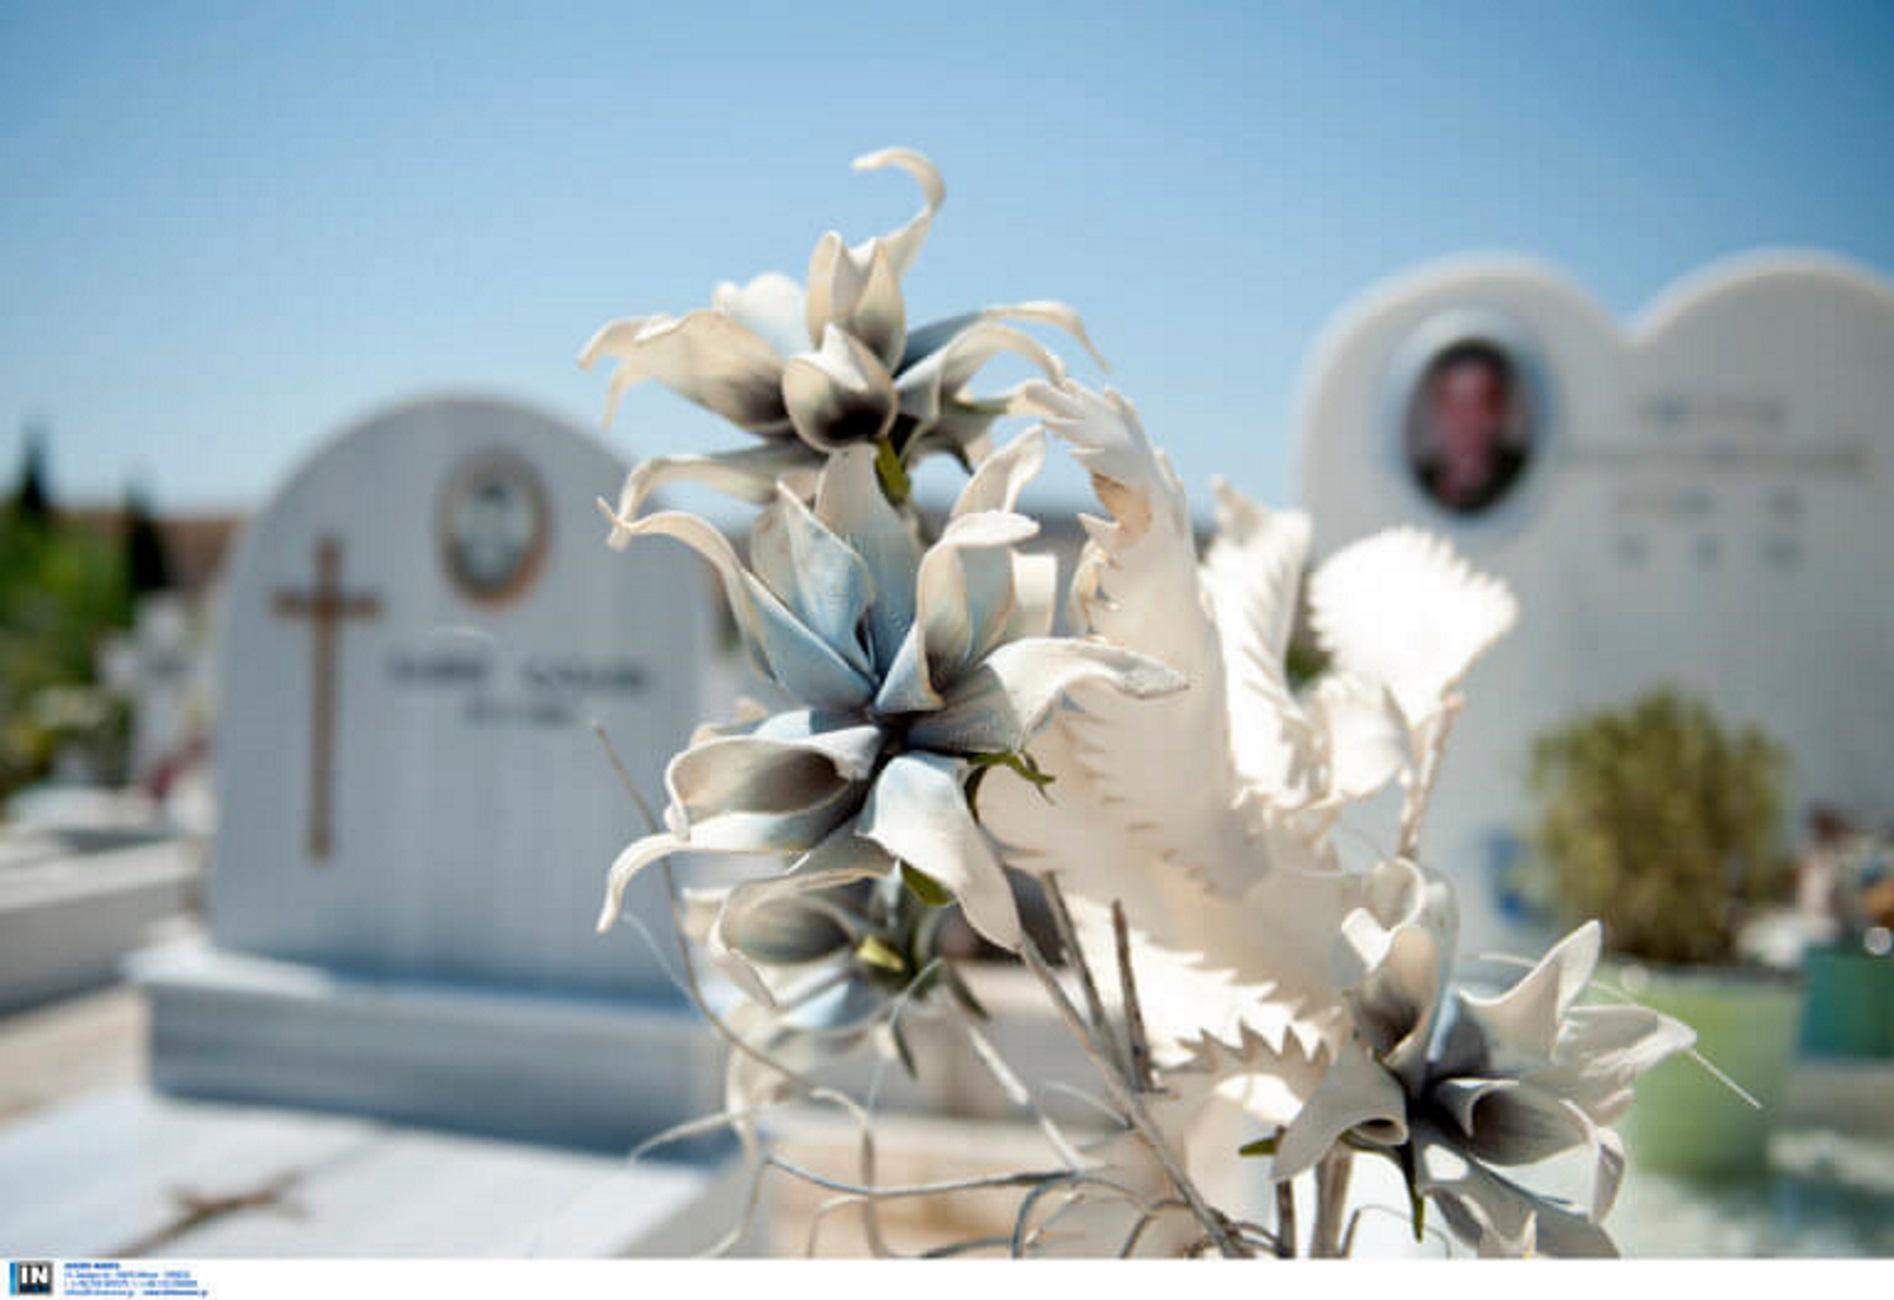 Ηράκλειο: Κατέρρευσε και πέθανε μέσα στο νεκροταφείο! Δάκρυα για την 75χρονη γυναίκα